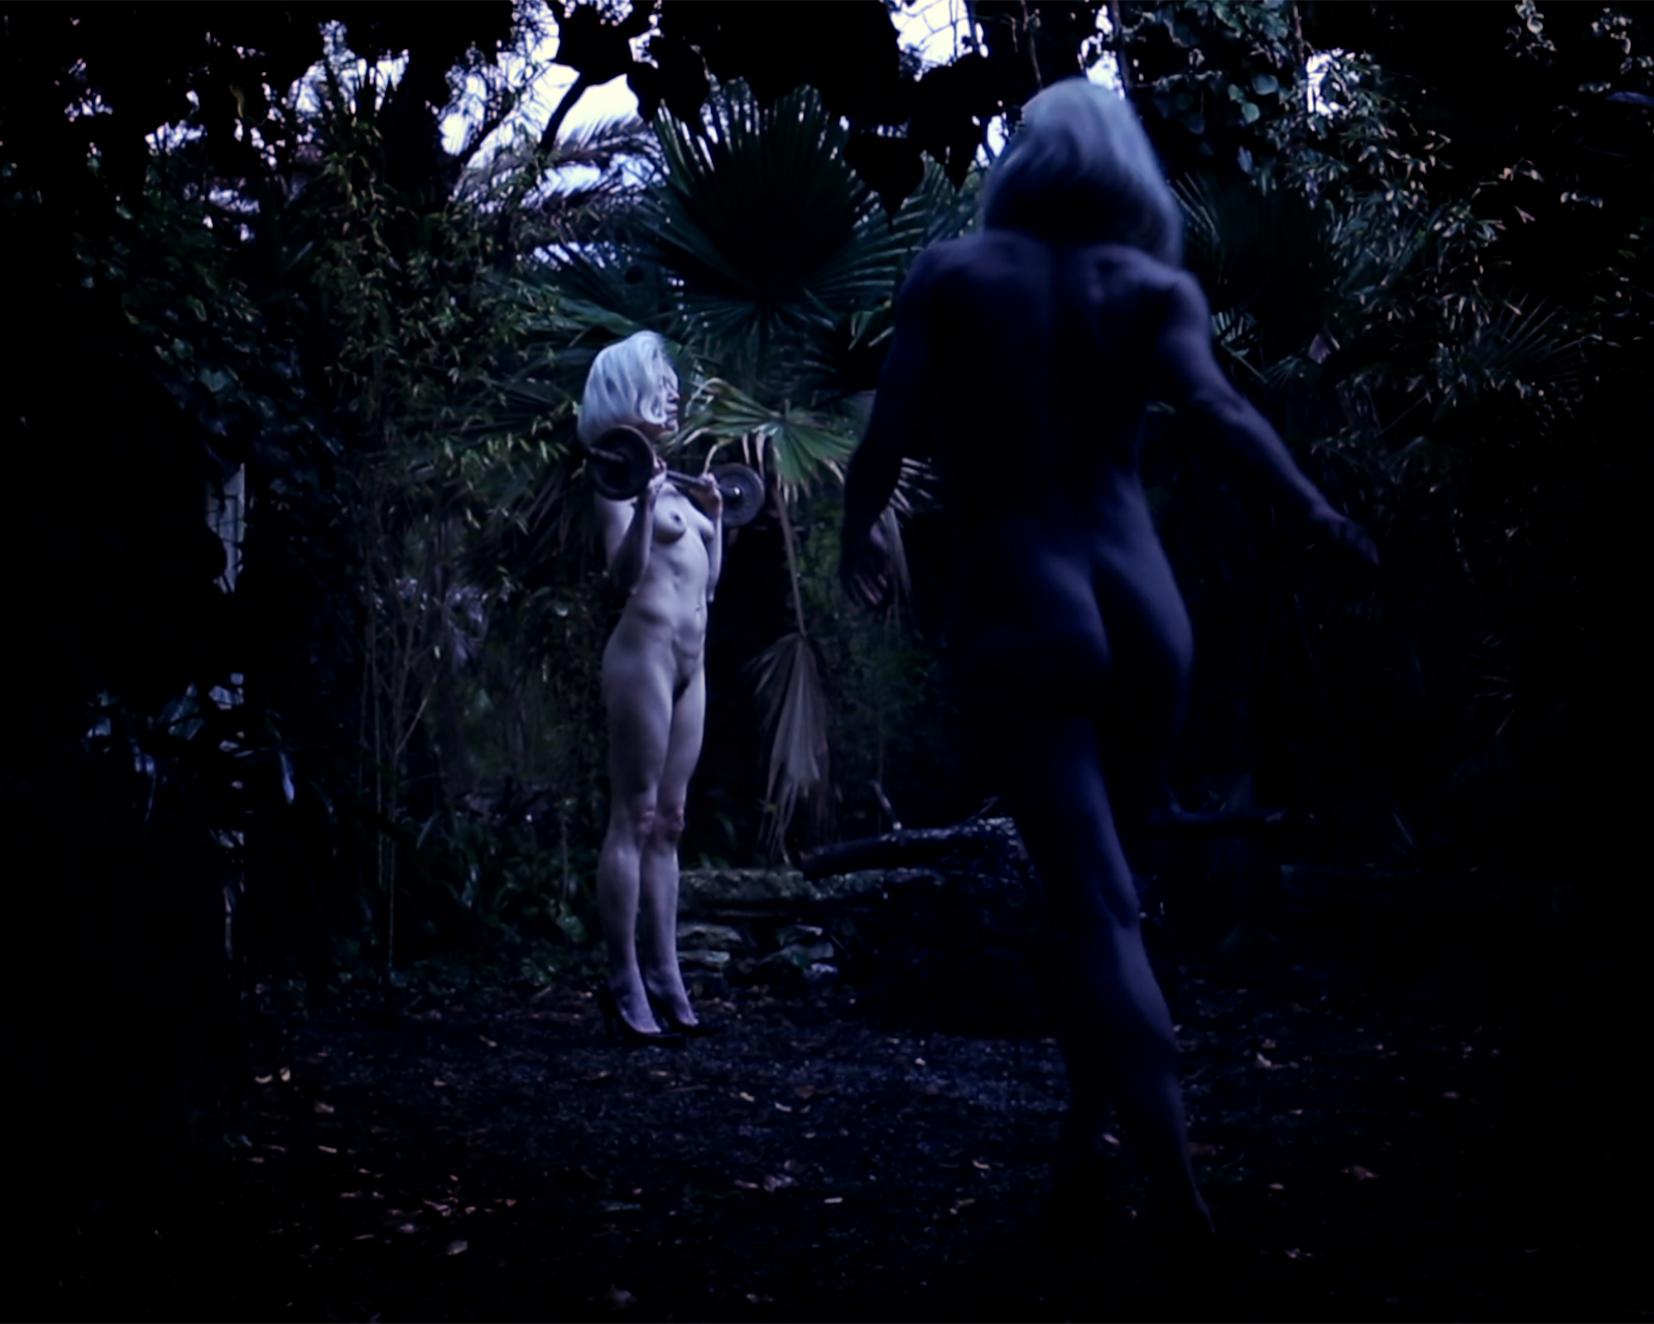 Kuvakaappaus teoksesta Untitled Ritual 3. Nainen seisoo metsässä levypainotanko käsissään. Hän on alasti lukuun ottamatta korkokengiä, ja hänellä on vaaleat hiukset. Etualalla näkyy toinen, myös vaaleahiuksinen ja alaston nainen. Hän on selkä kameraa kohti ja vaikuttaa olevan liikkeessä.